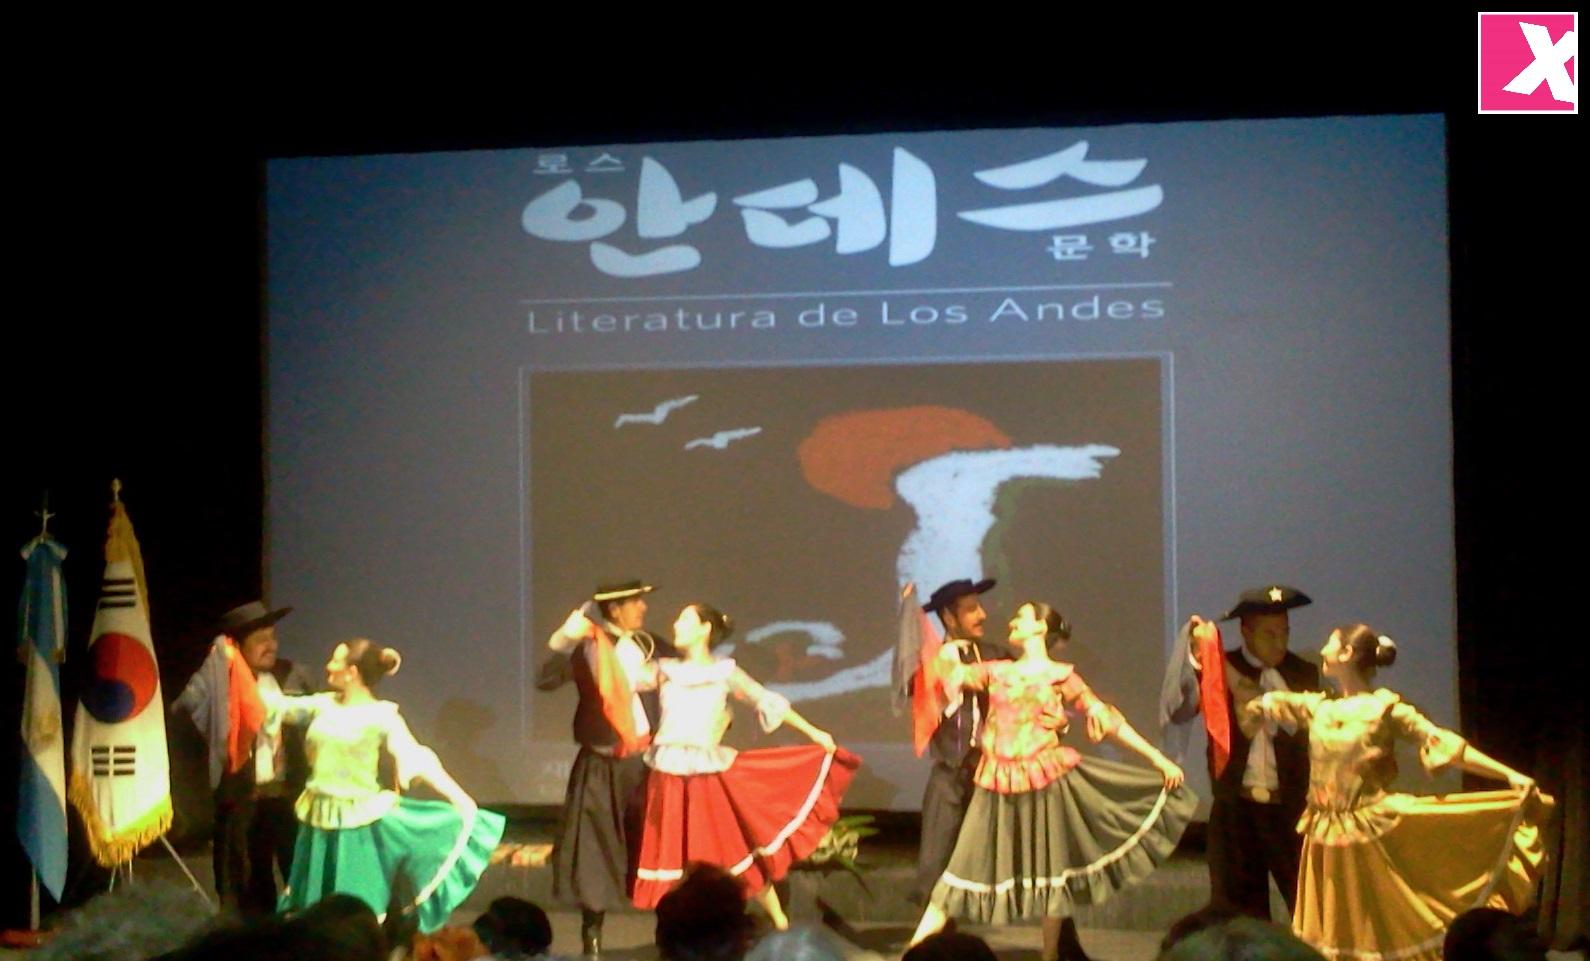 presentacion libro Literatura de los Andes 2013 xiahpop (3)